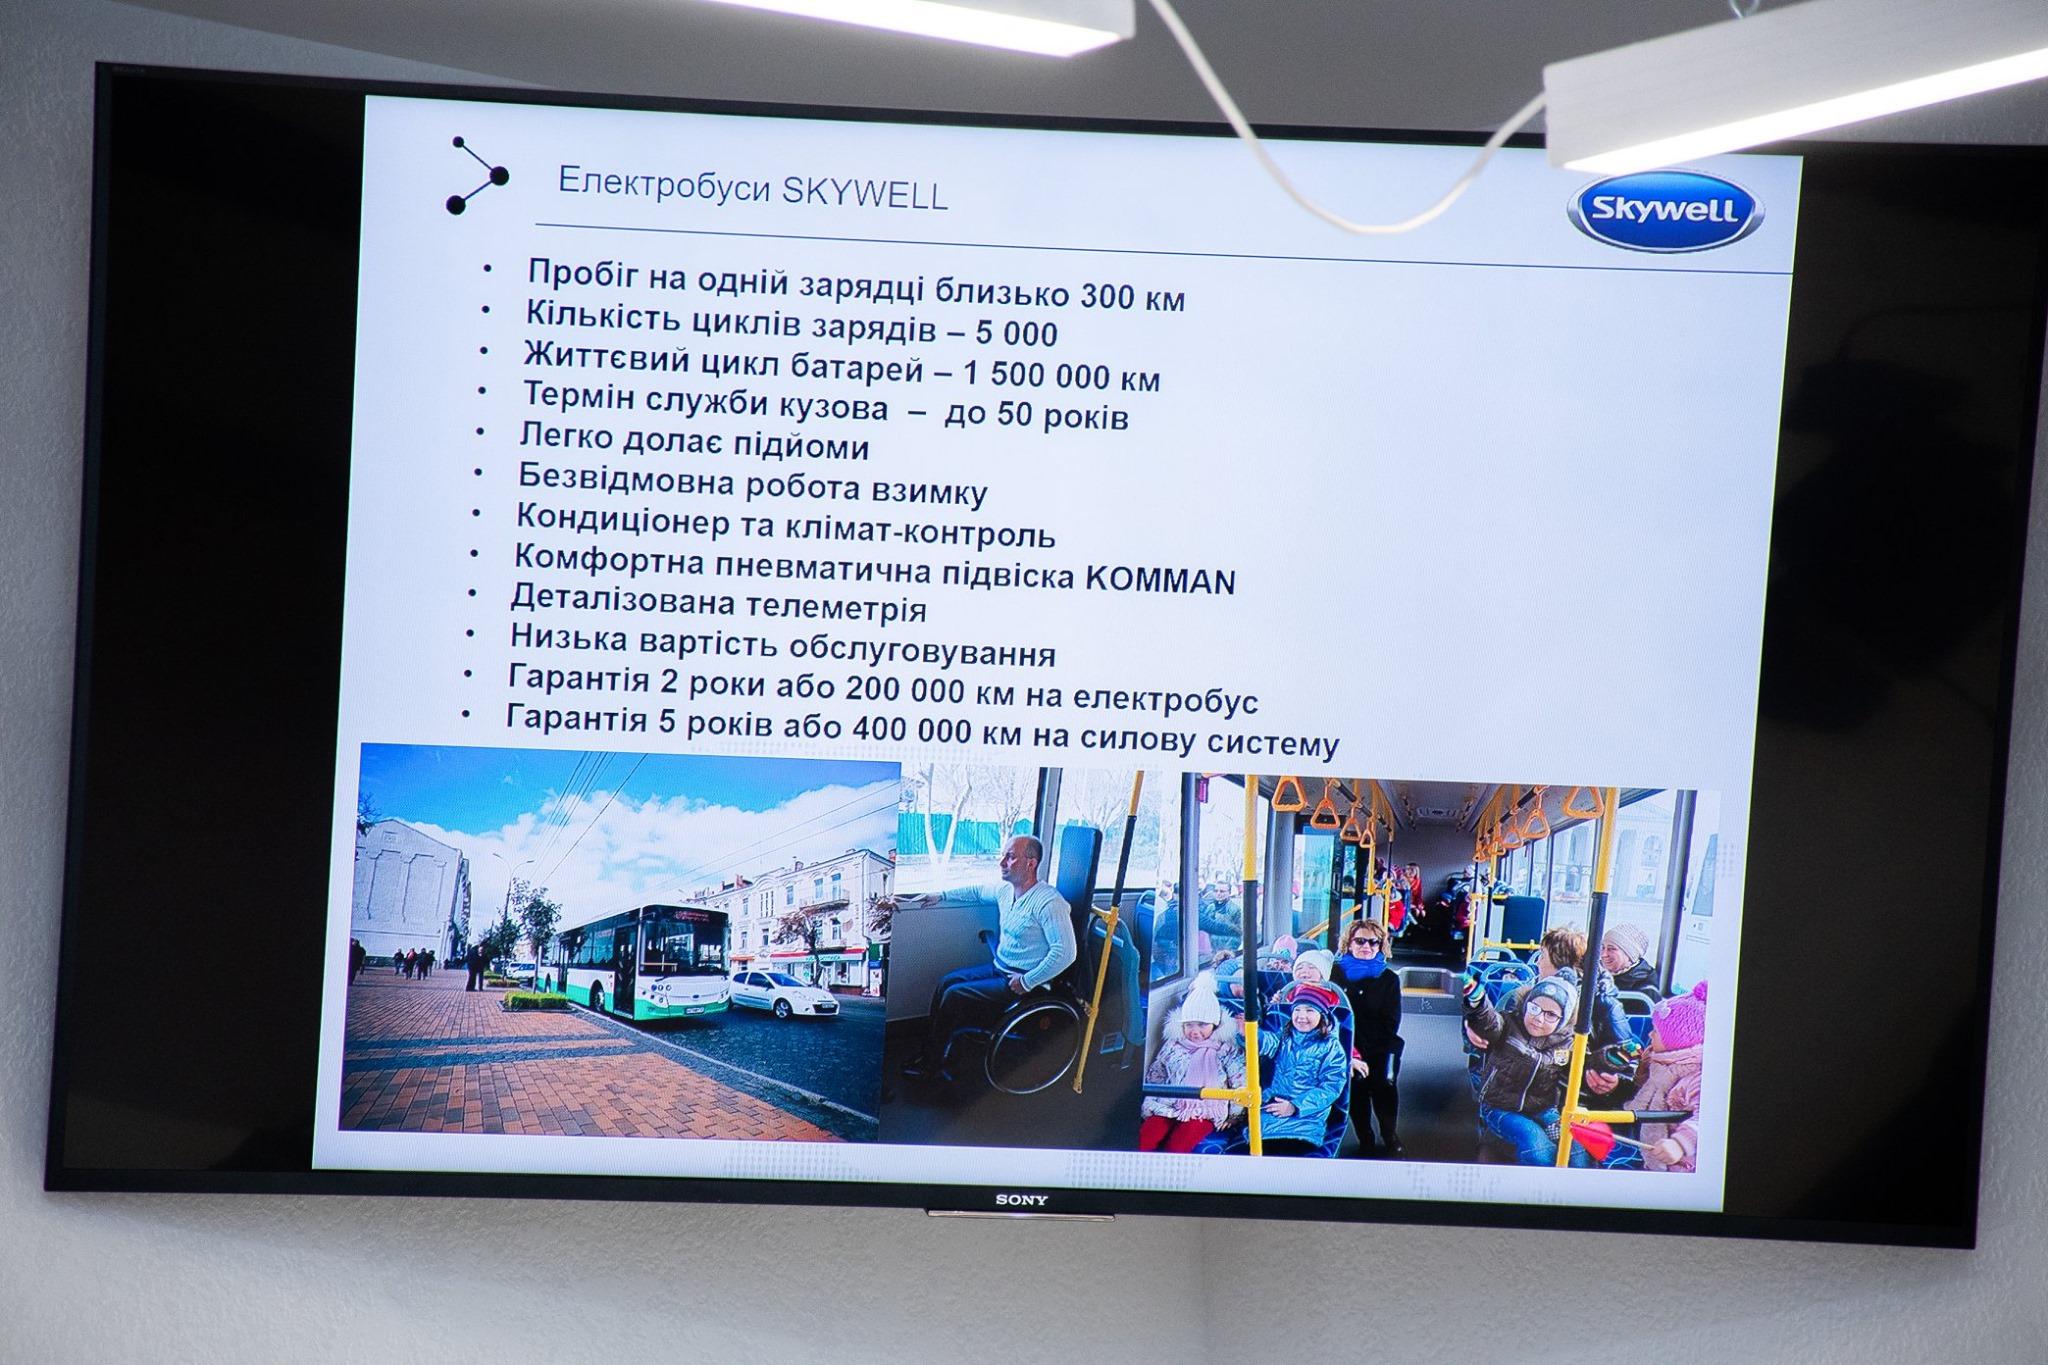 Марцінківу запропонували закупити для міста електробуси 10